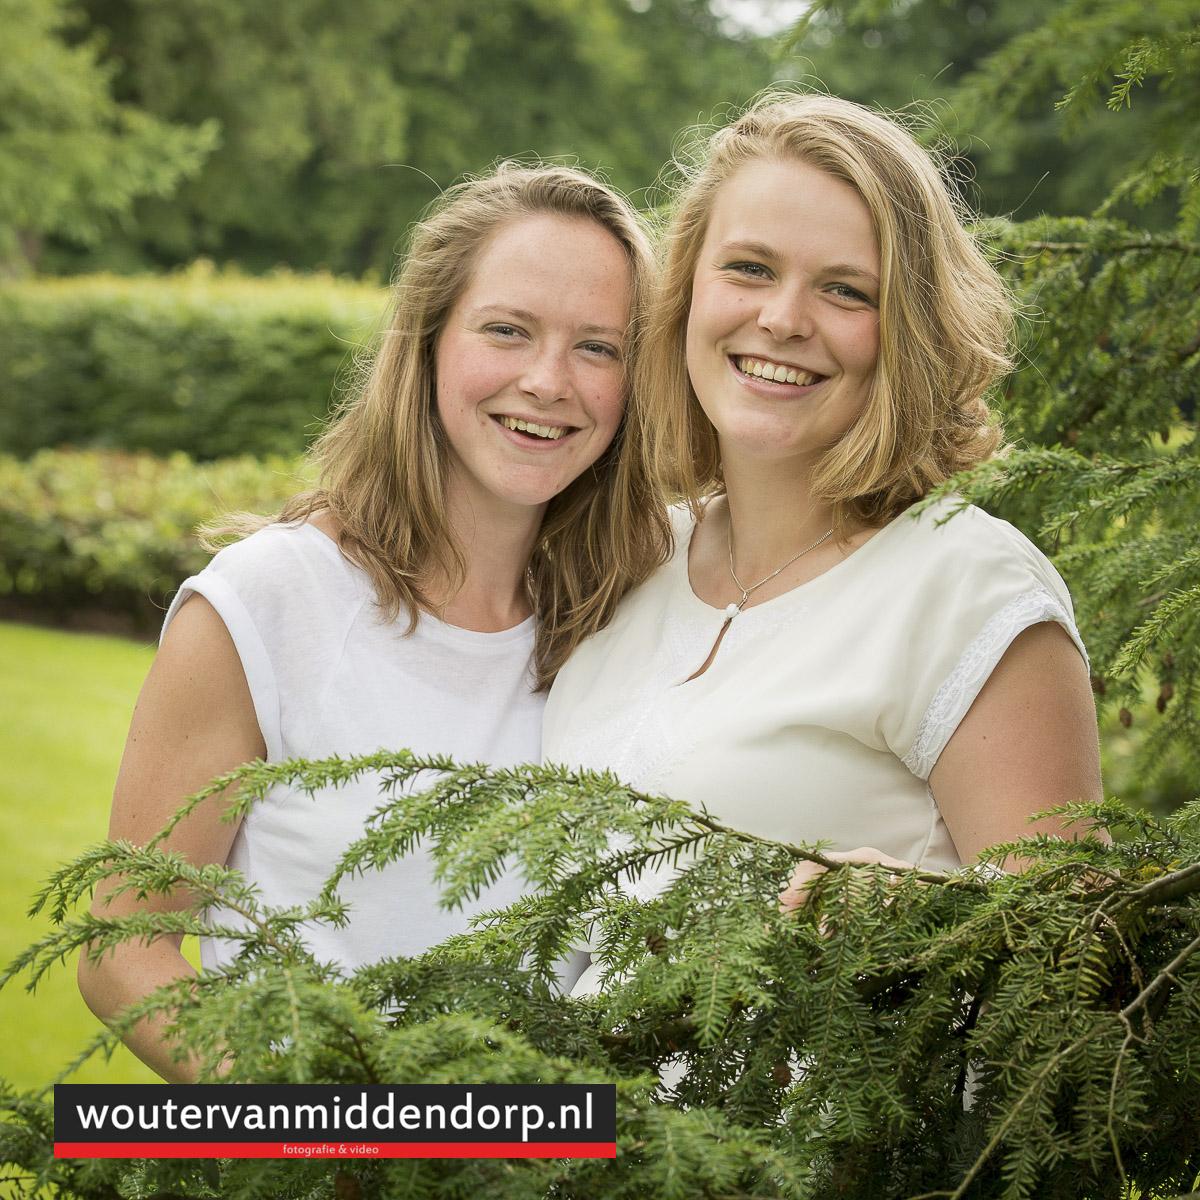 fotograaf Wouter van Middendorp, portretfoto, groepsfoto omgeving Nunspeet, Barneveld, Putten, Uddel (7)